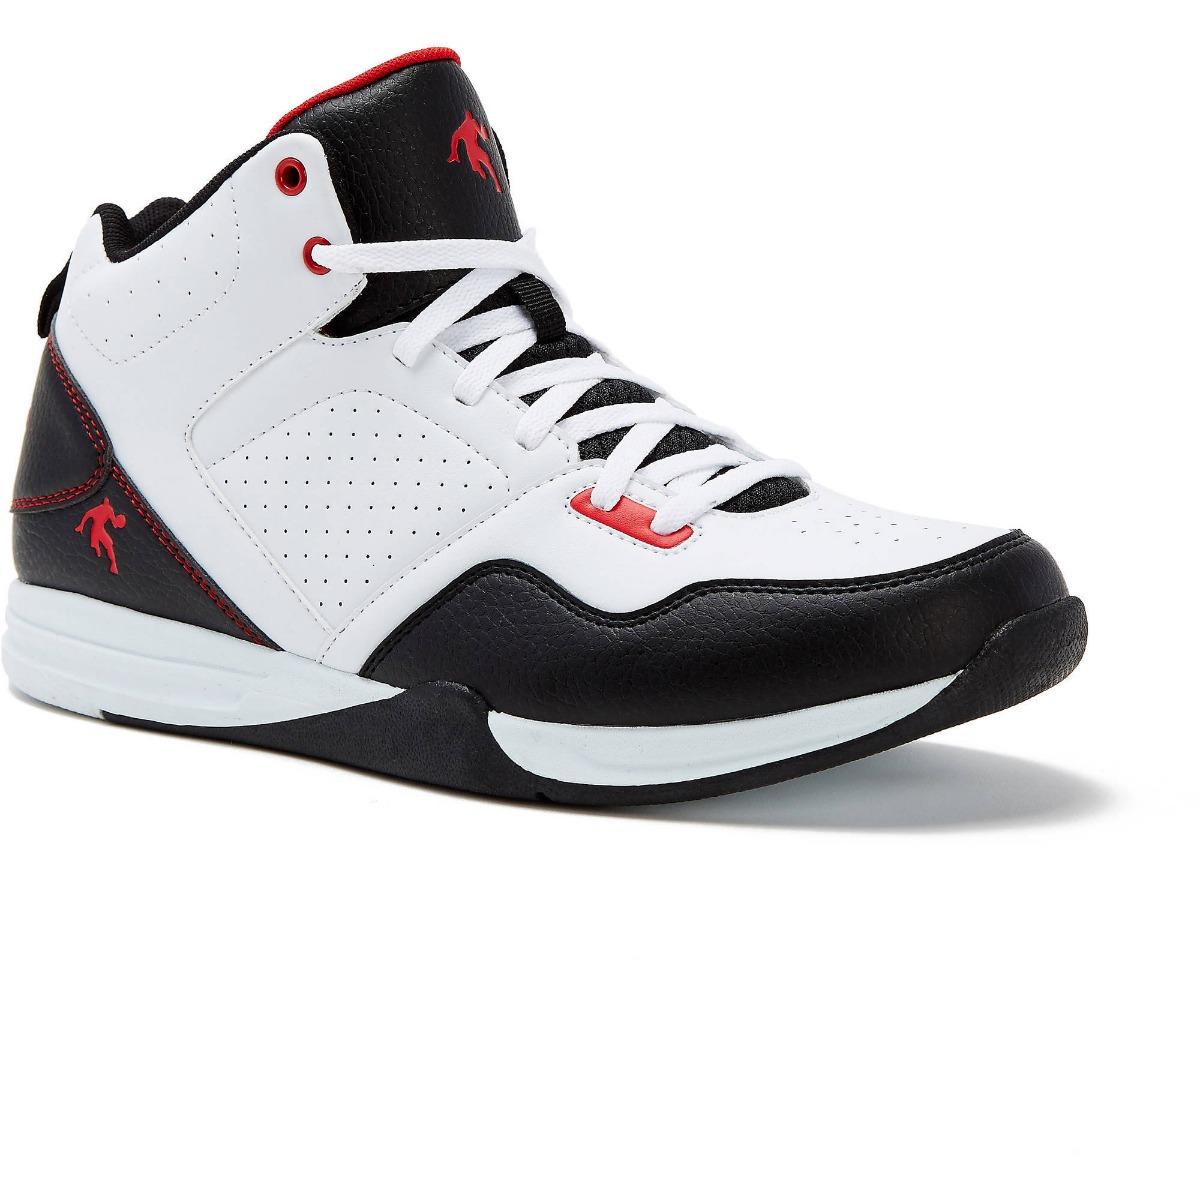 b1e4d80b7b botas tennis zapatos deportivos and1 basketball para hombre. Cargando zoom.